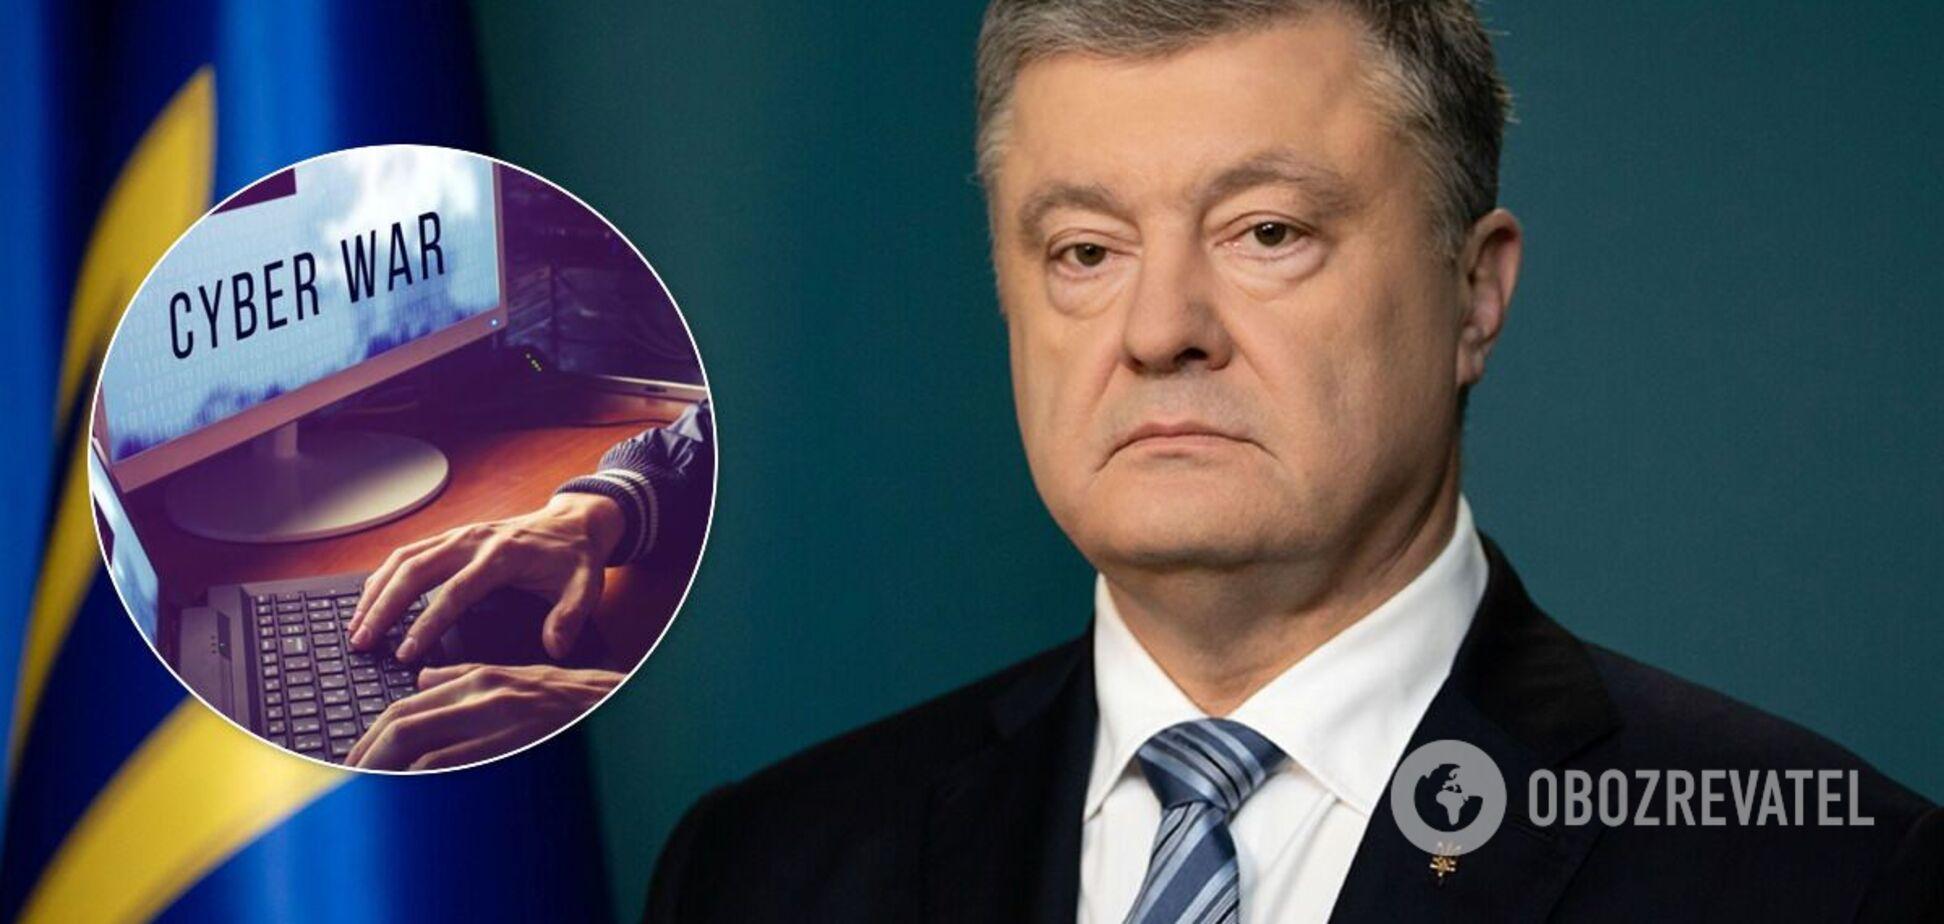 В електронній пошті російського пропагандиста виявили фейки проти Порошенка